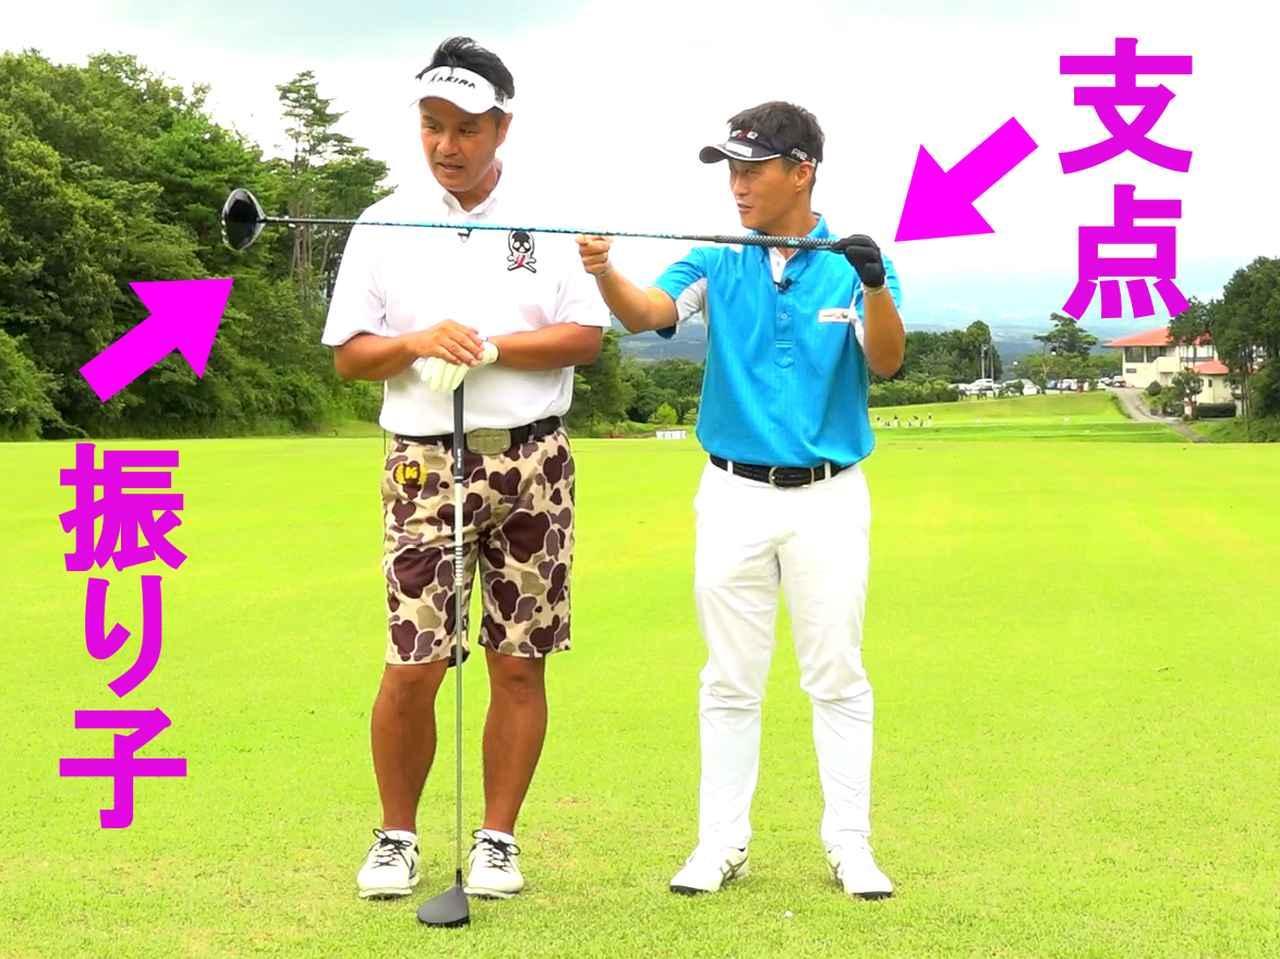 画像1: 【今泉健太郎の400ヤード理論vol.④】飛距離を伸ばすのに大きなフォロースルーは要りません。元プロ野球選手、鈴木健さんが入門。ゴルフダイジェスト動画